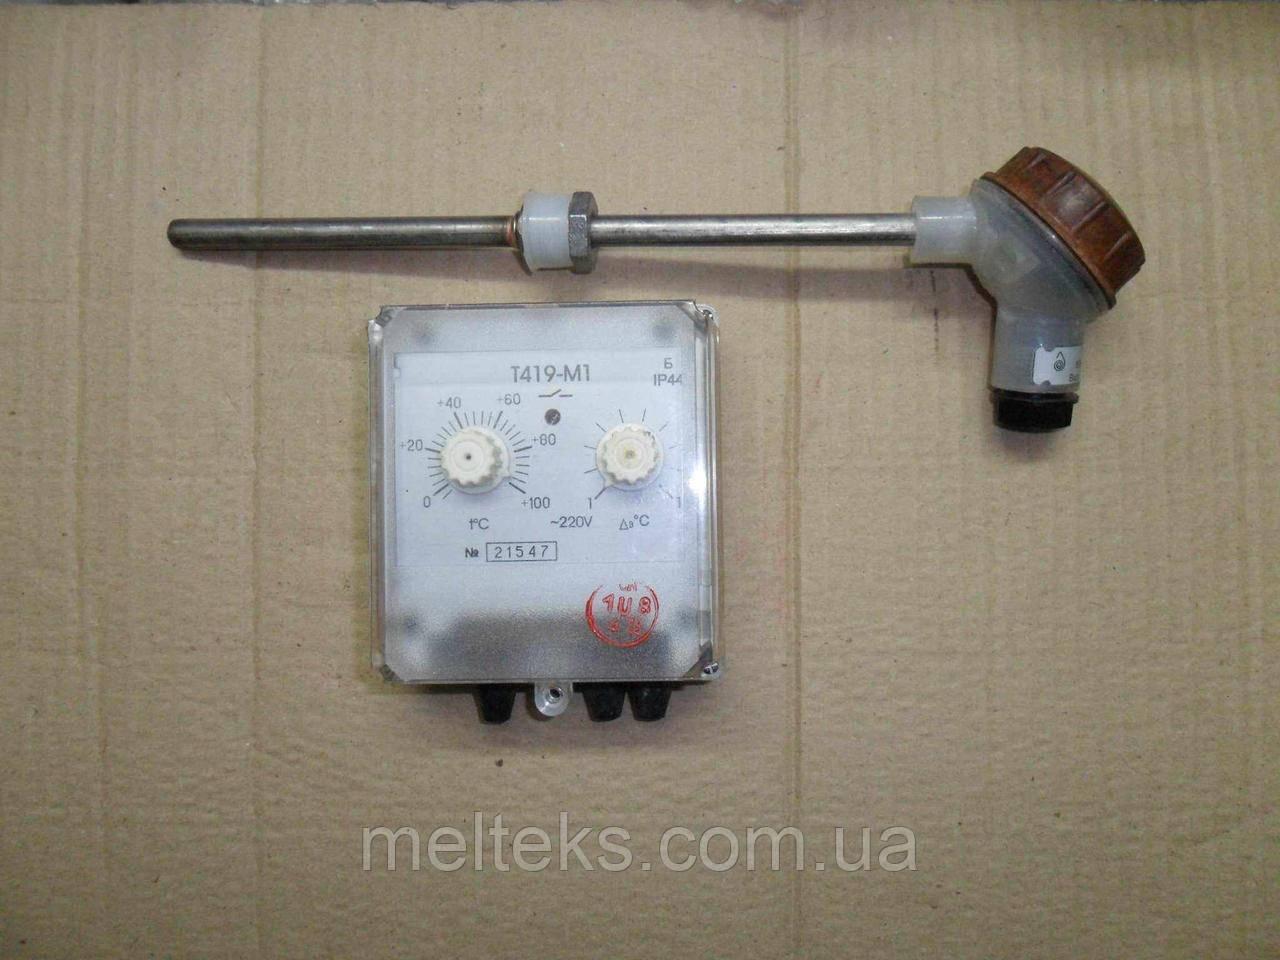 Терморегулятор Т419-М1, Т419-2М 2019 г.в.